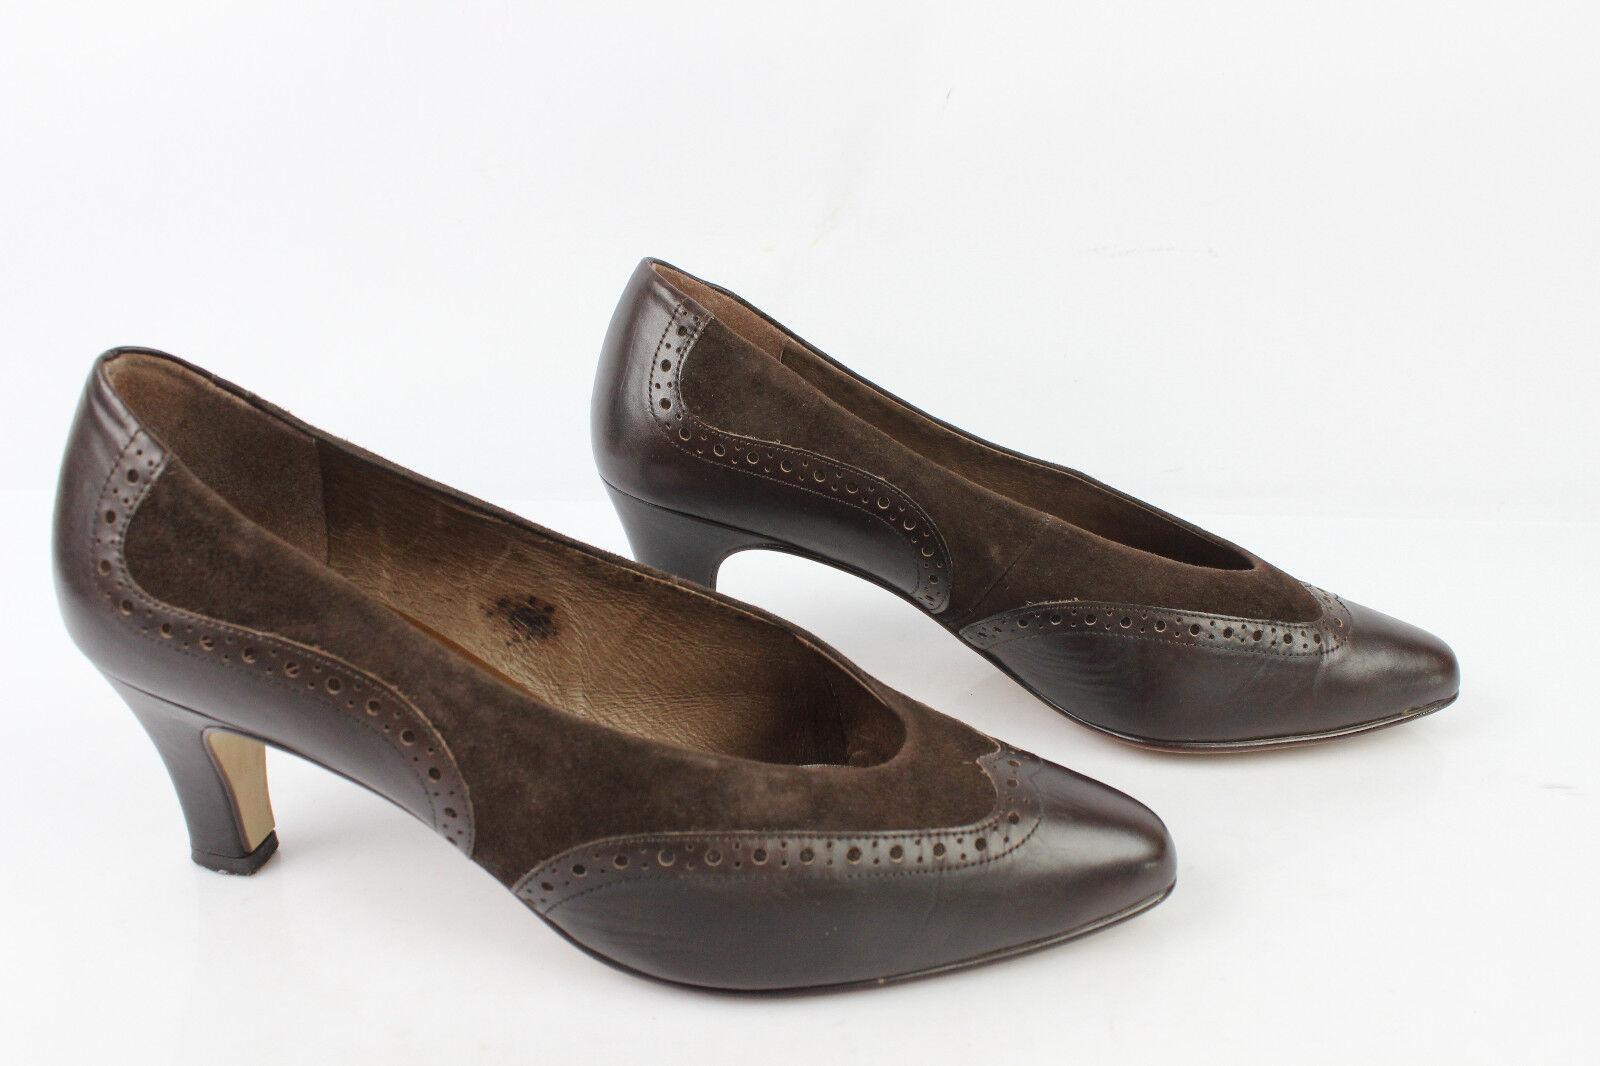 VINTAGE shoes BRIGITTE von SERVAS Pelle brown REGNO UNITO 6 FR 39,5